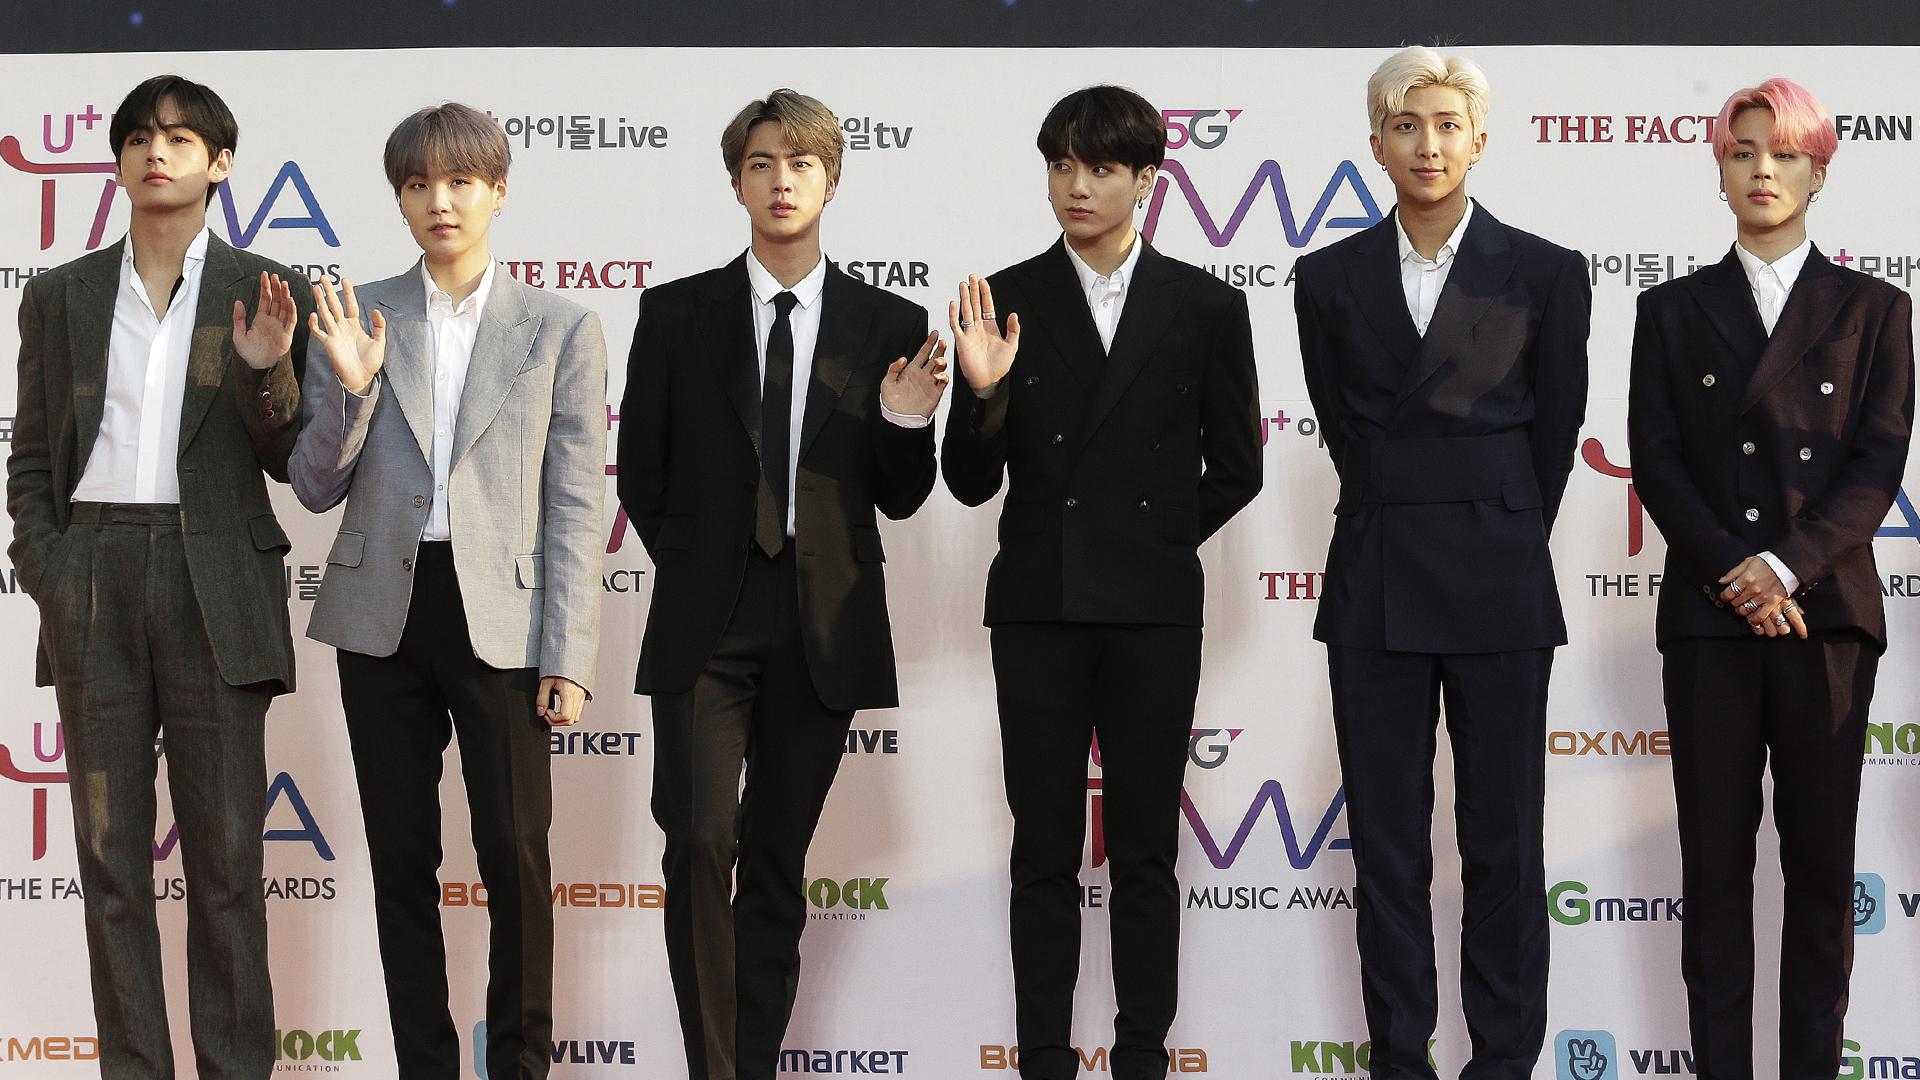 Los reyes del K-pop hacen un anuncio inesperado